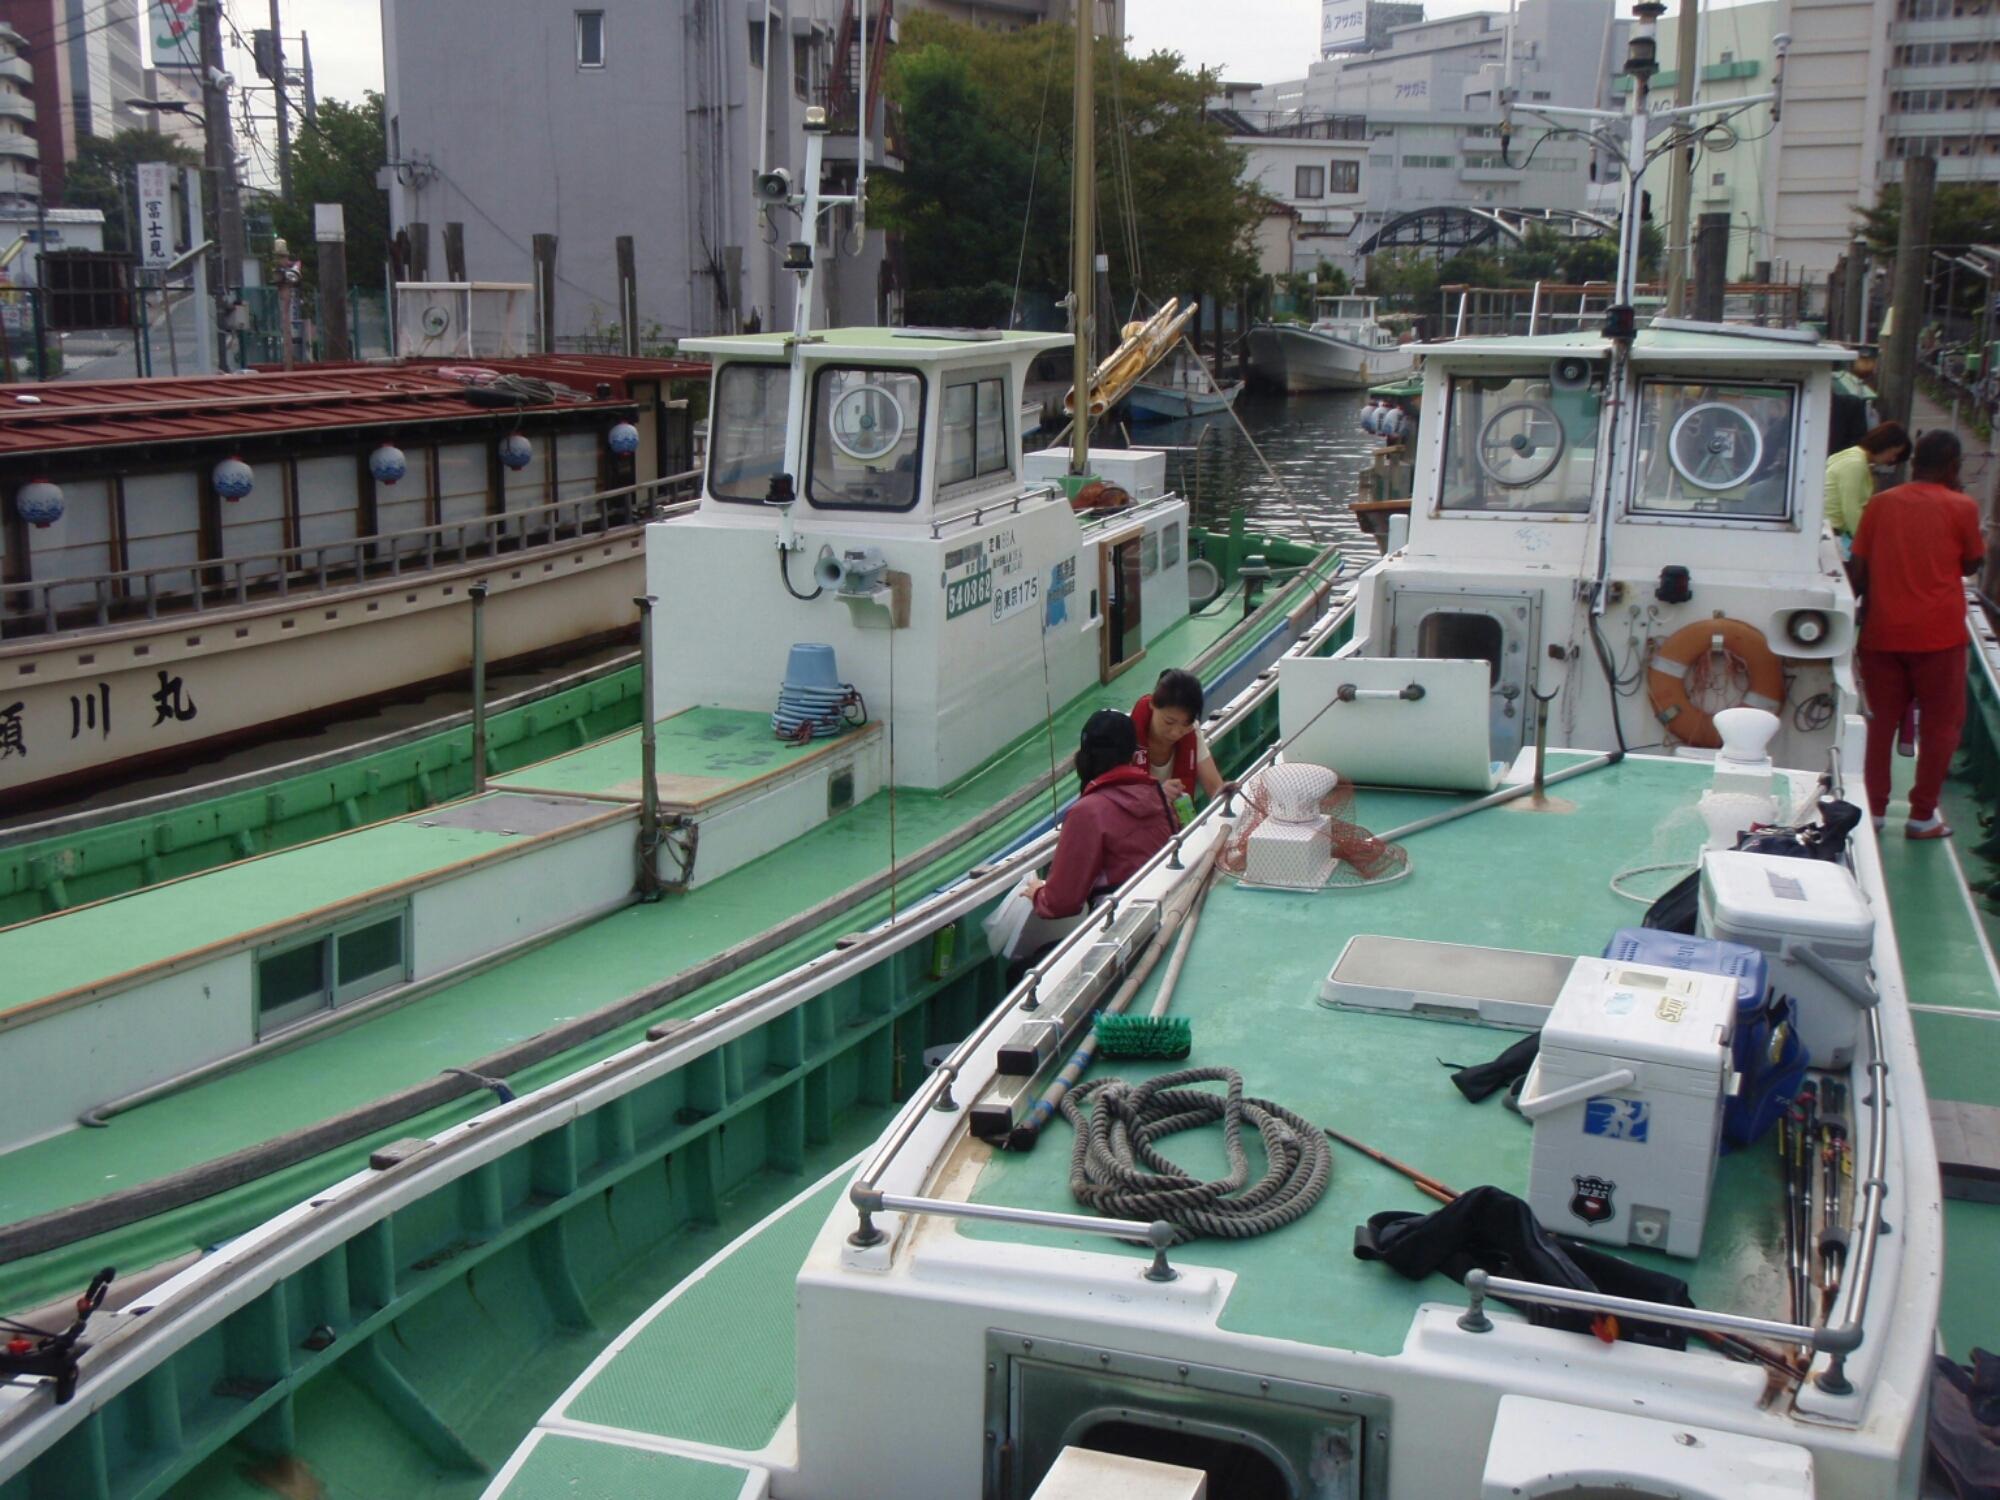 サンスイ 渋谷本店 (SHIBUYA THE MAIN SANSUI)海釣り館・船釣り館・川釣り館      深川出船のハゼ